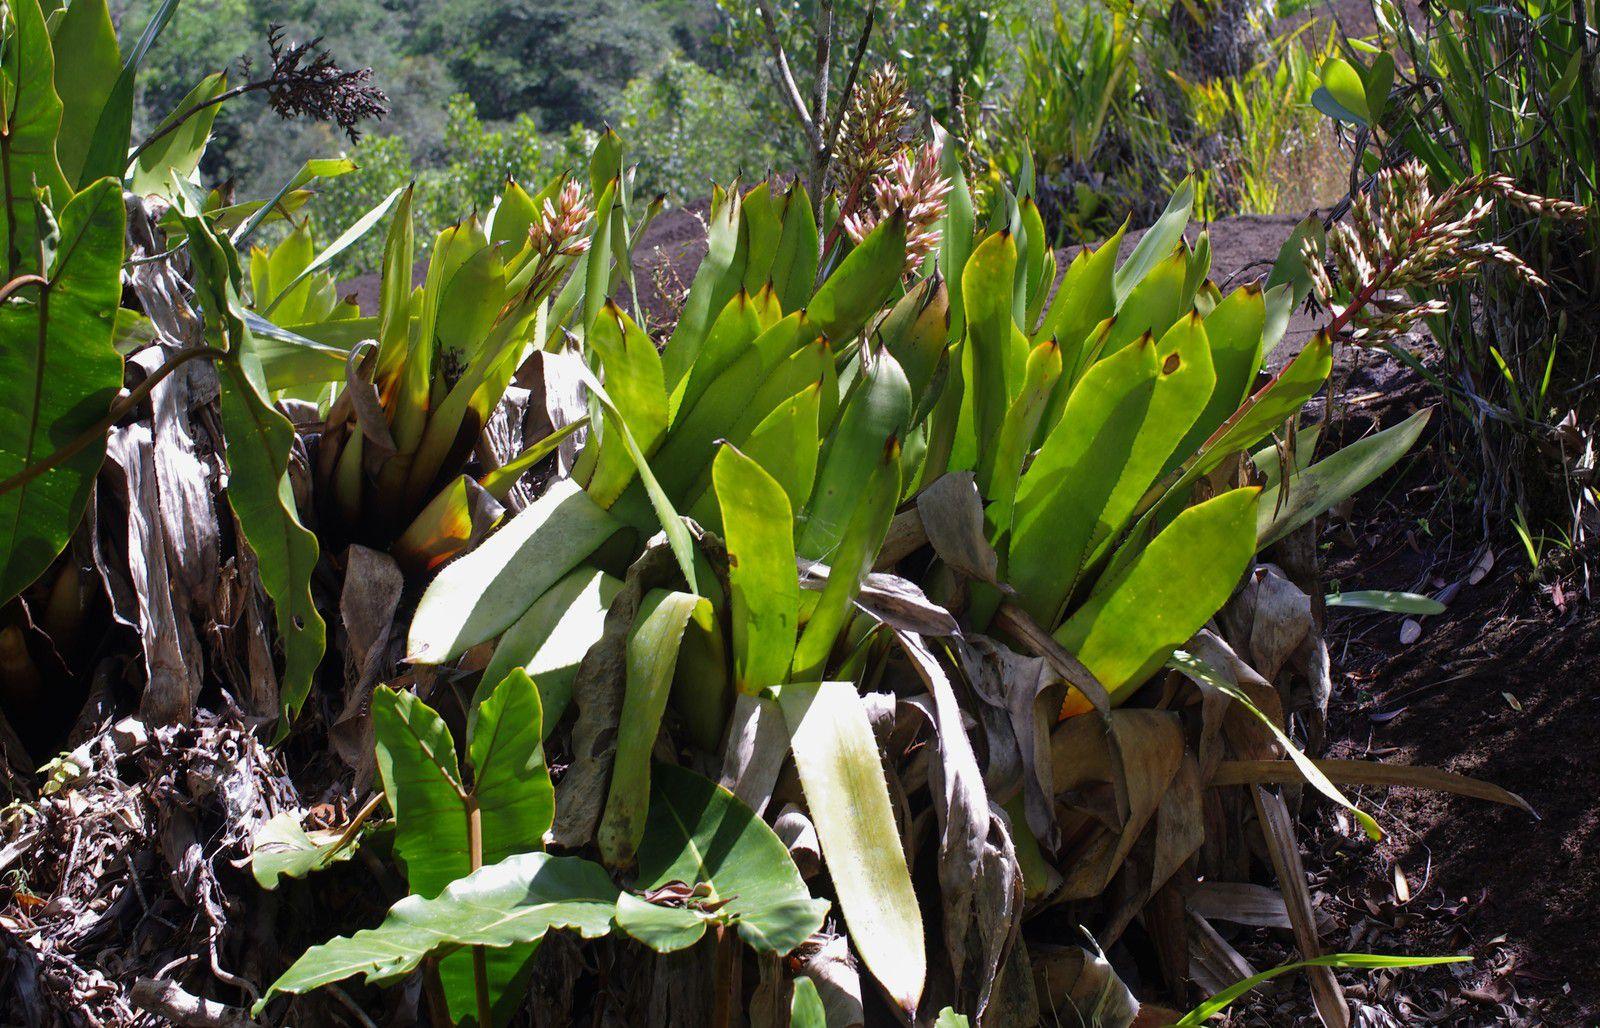 Aechmea polyantha